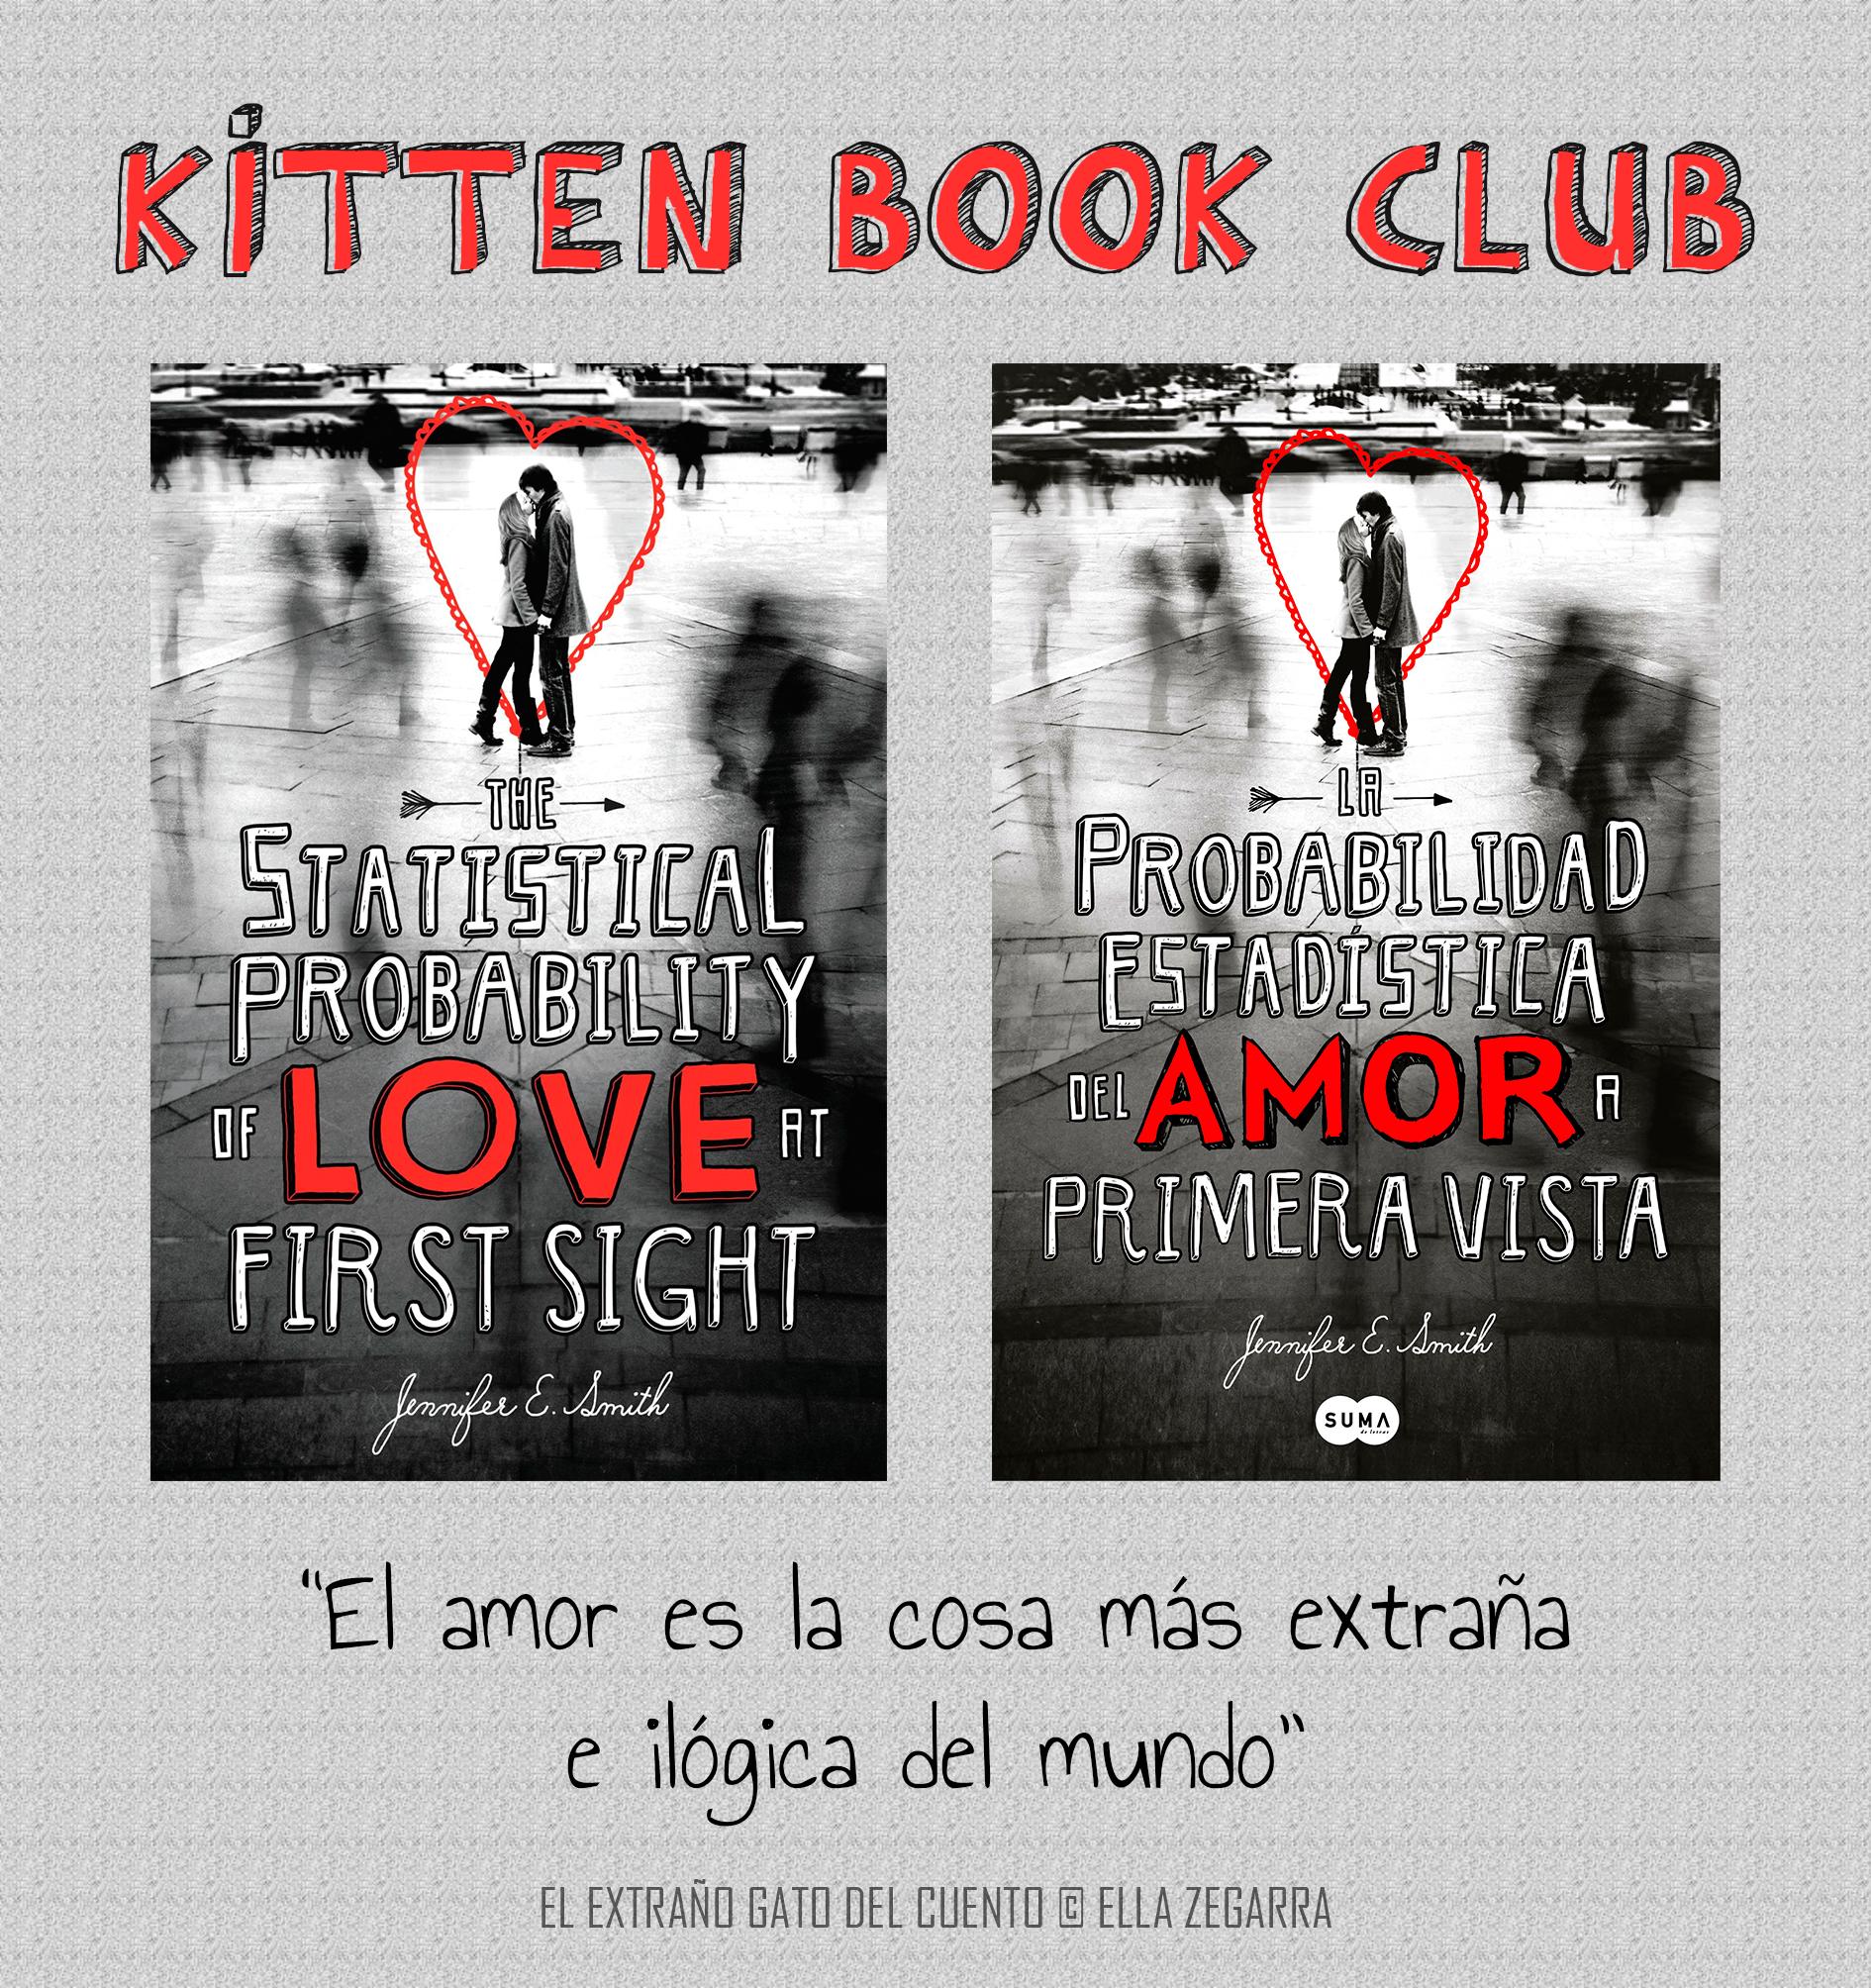 Kitten Book Club: Septiembre